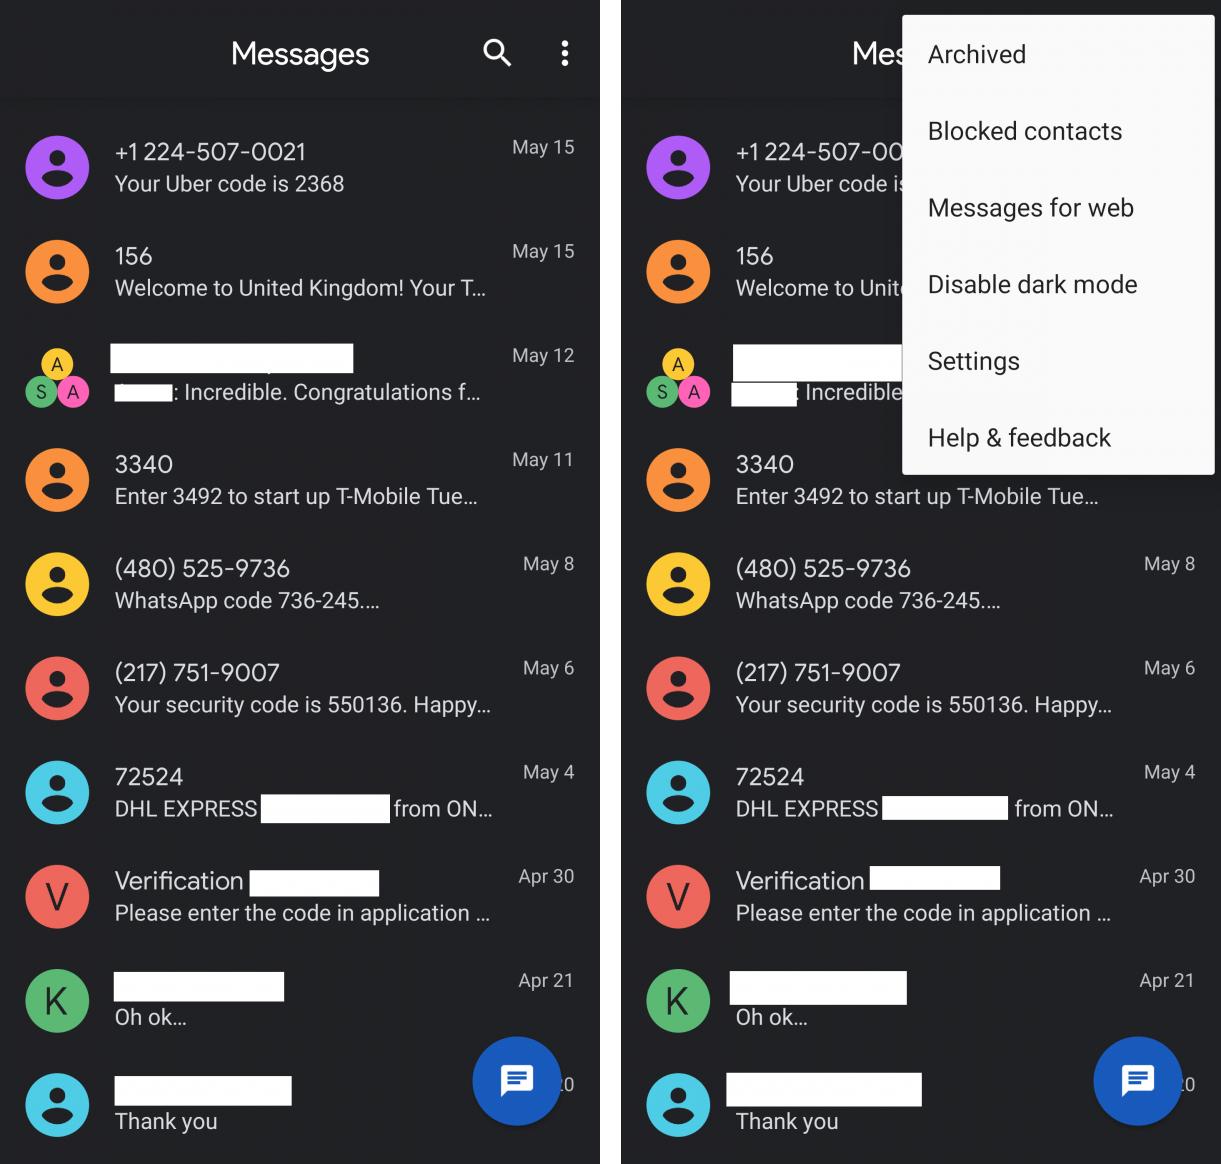 Αποκτά σκοτεινή λειτουργία η εφαρμογή Android Messages 1